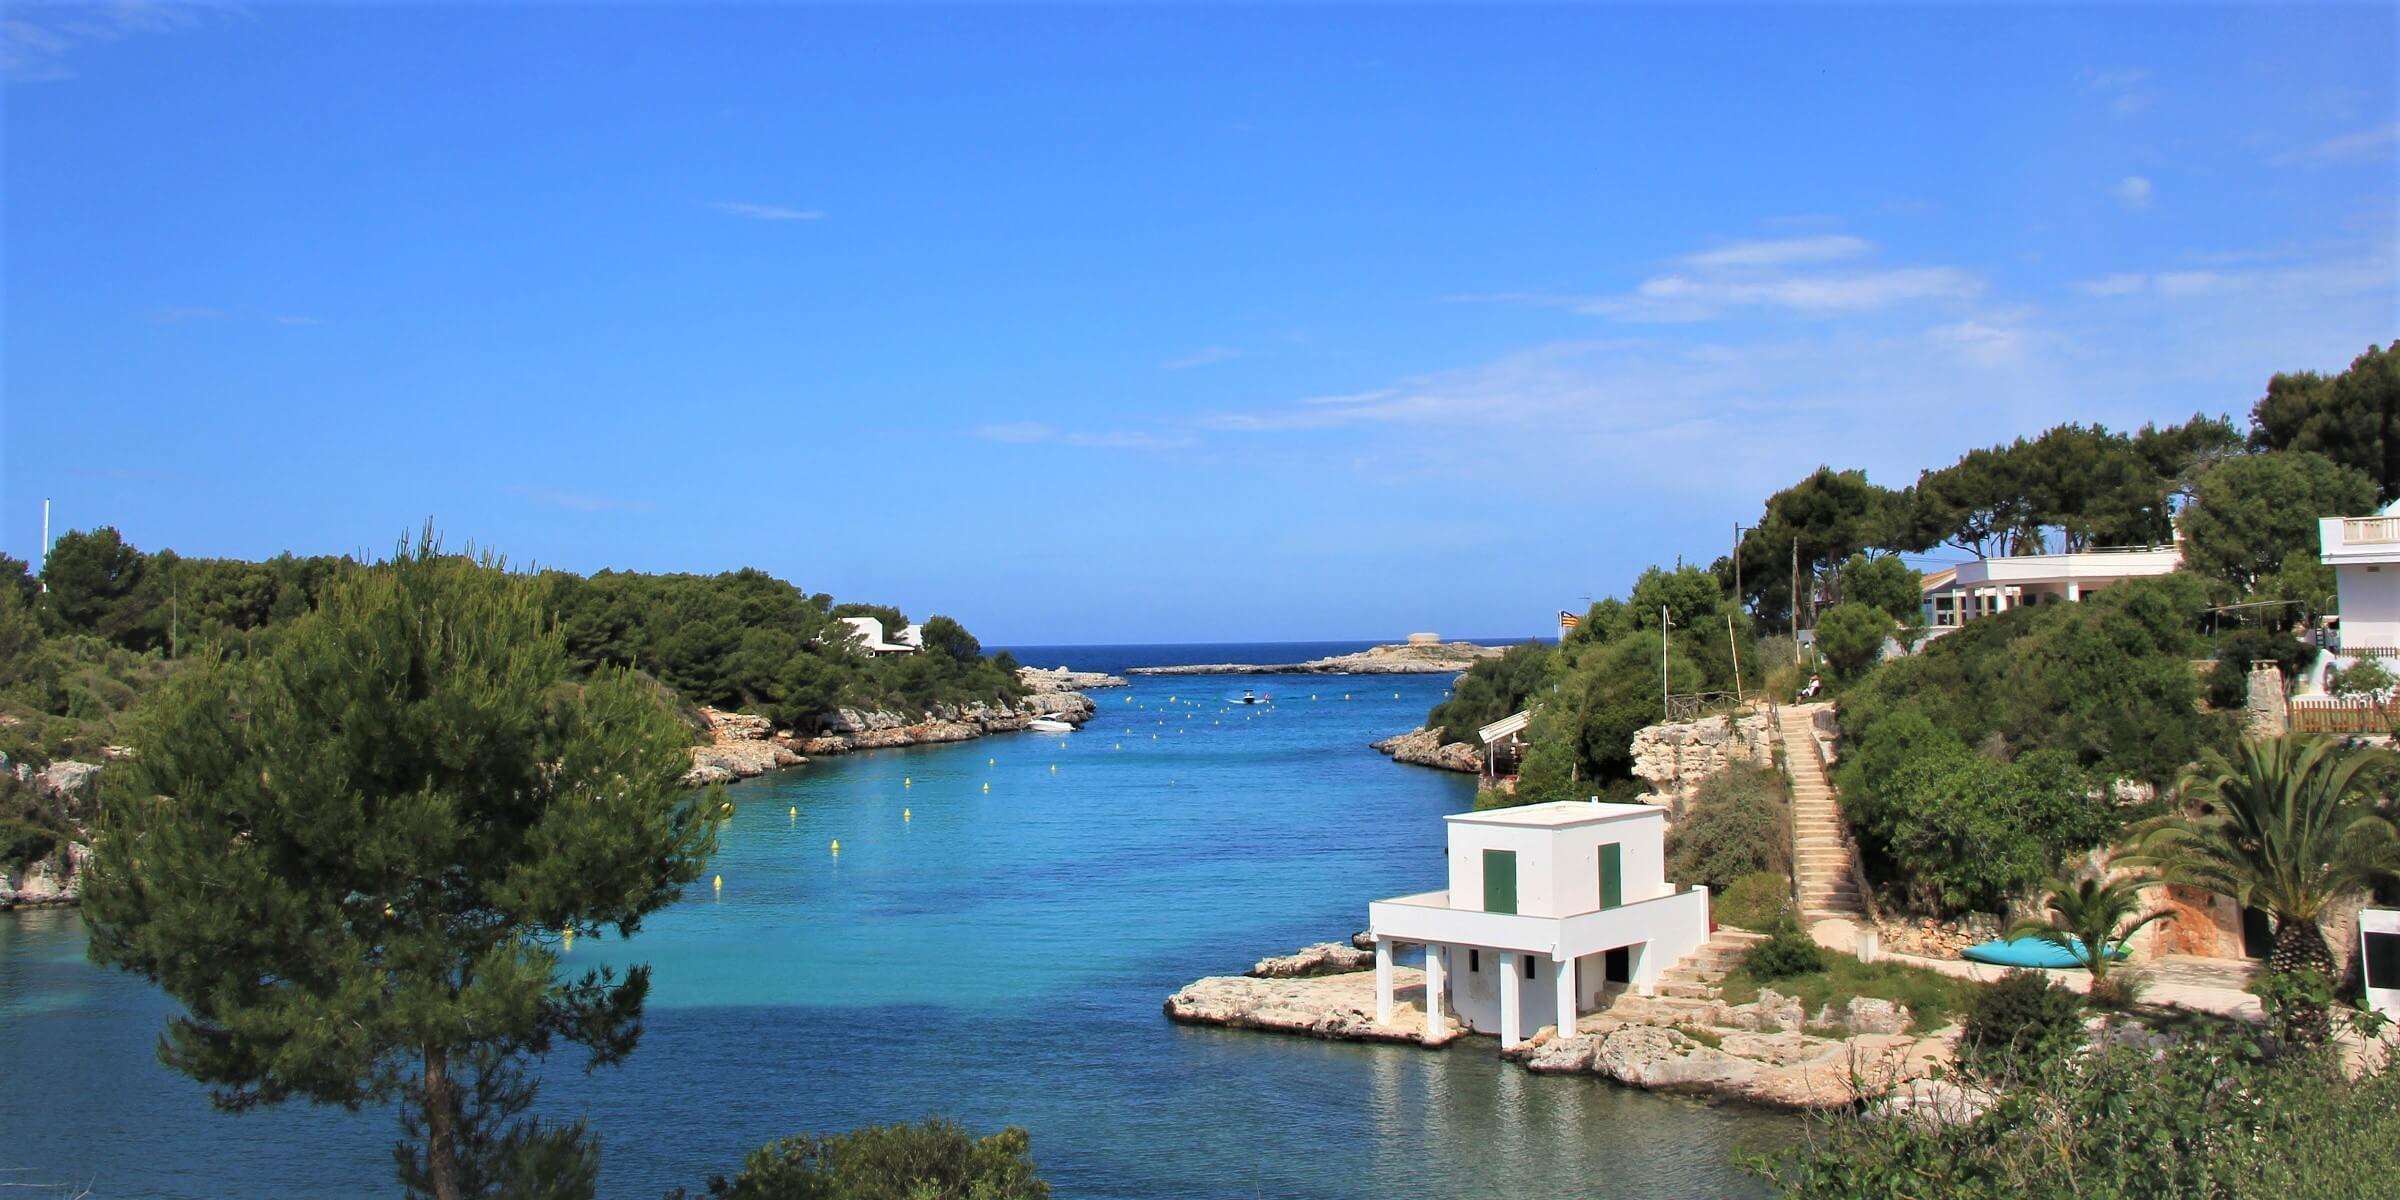 Idyllische Bucht auf Menorca